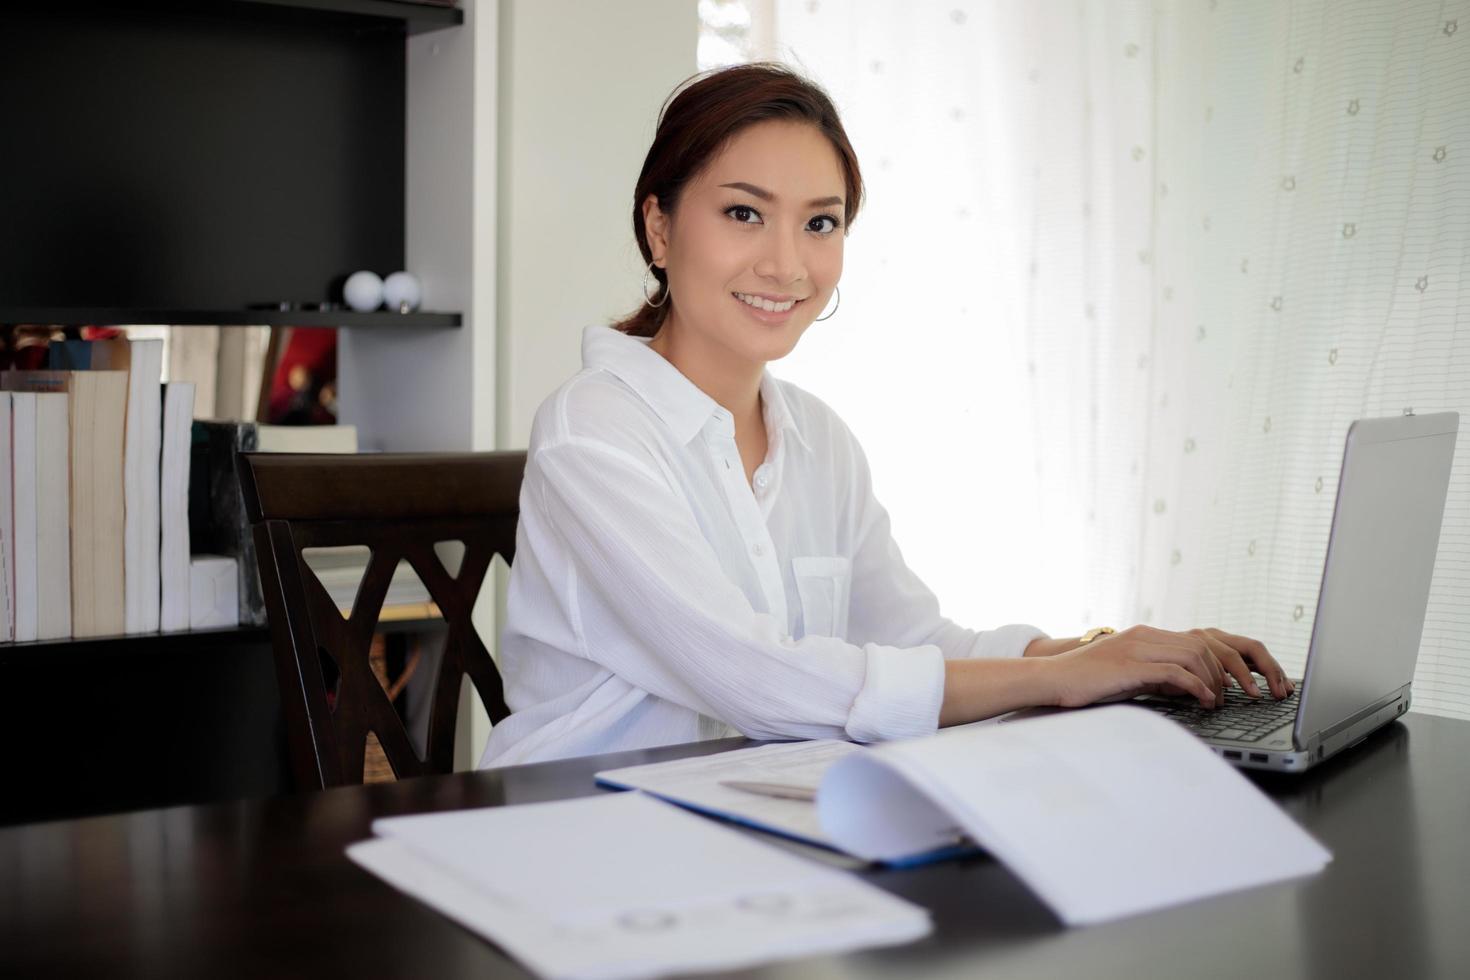 asiatische Geschäftsfrau arbeitet im Home Office foto